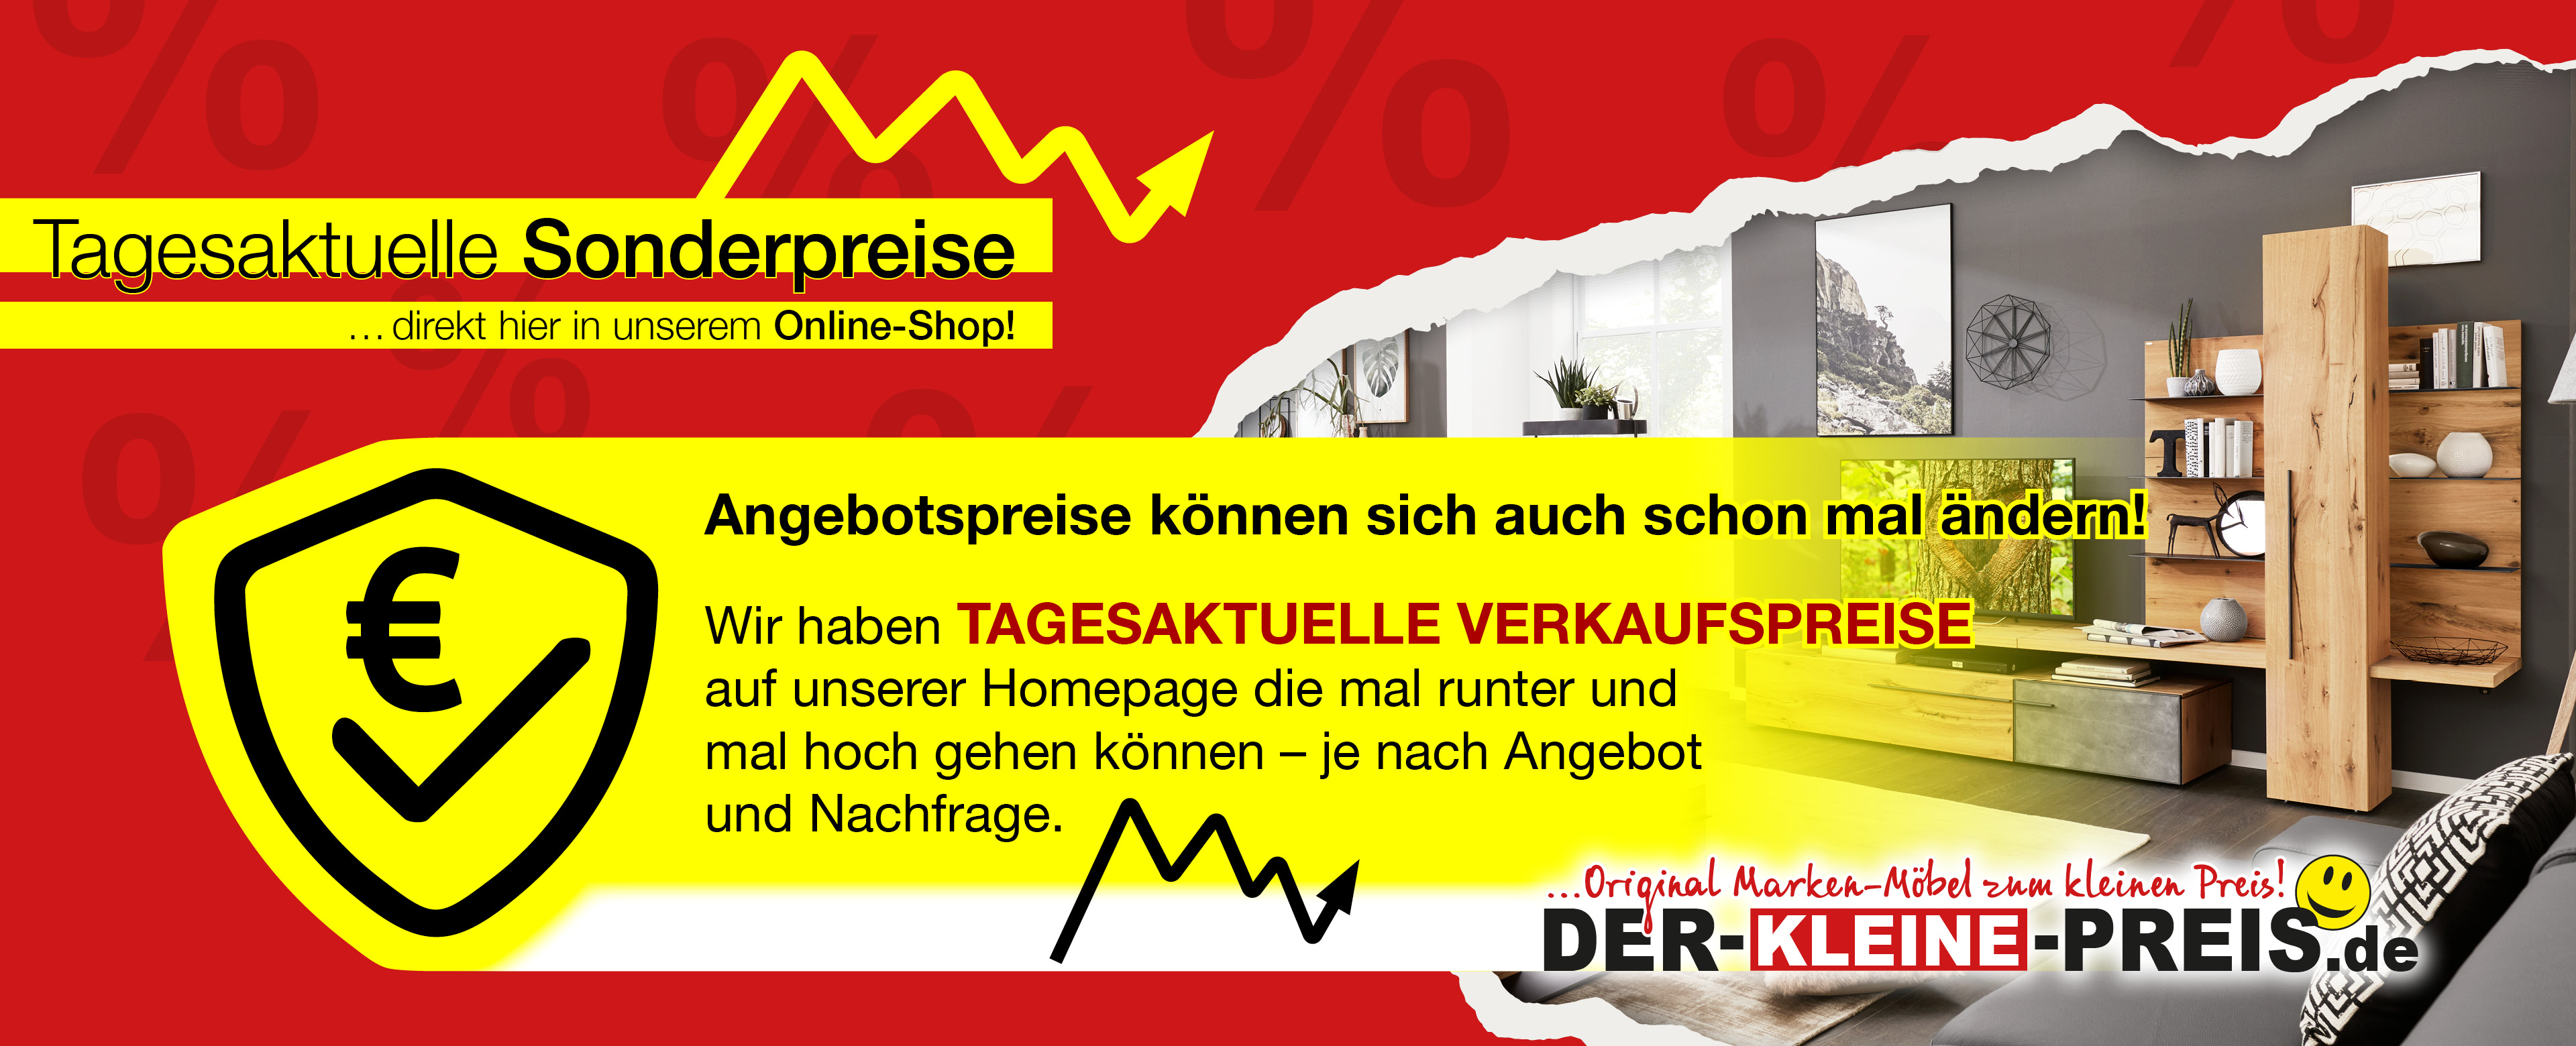 Arenz_DKP_Webslider_tagesaktuelle-Preise_KW35_20_Version_7RzKNKViqmh9Nj